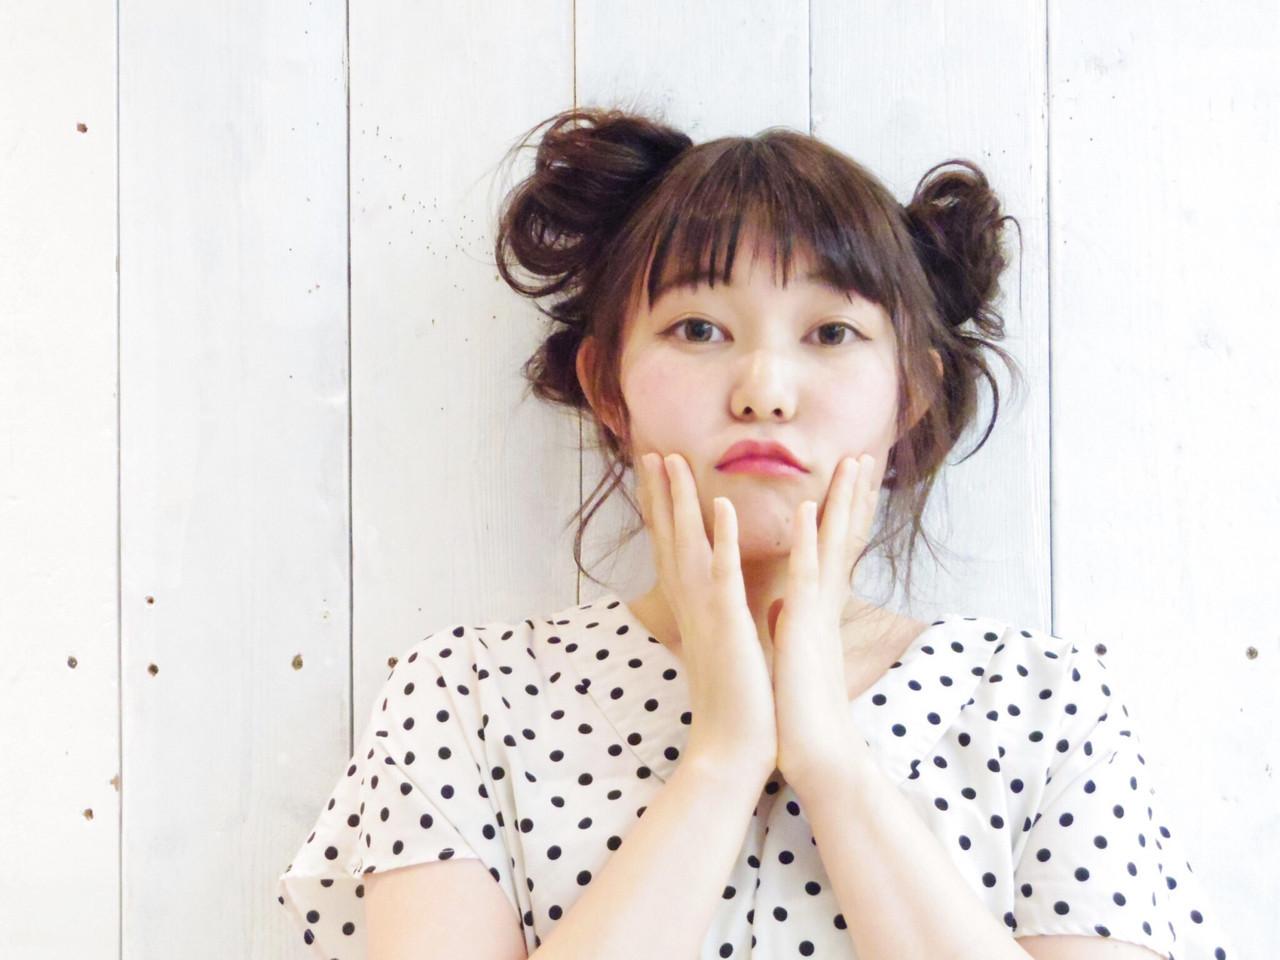 ミディアムさんのお団子アレンジ Namika Kitamura